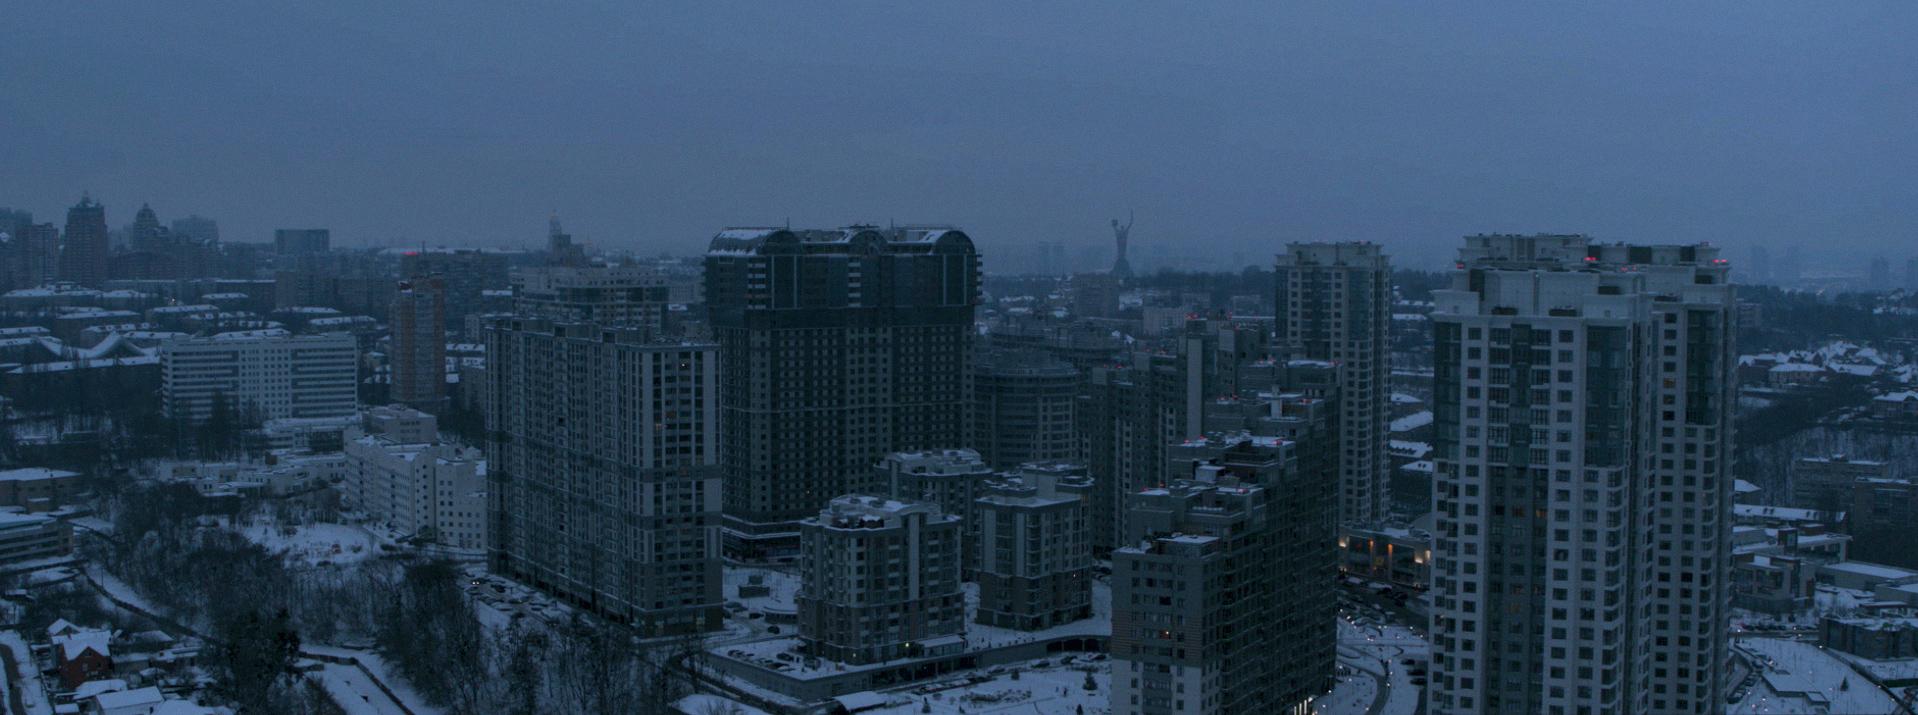 Apartment Leap - v5 - Director's Cut  (LOWER LIGHT).00_00_00_00.Still001.jpg